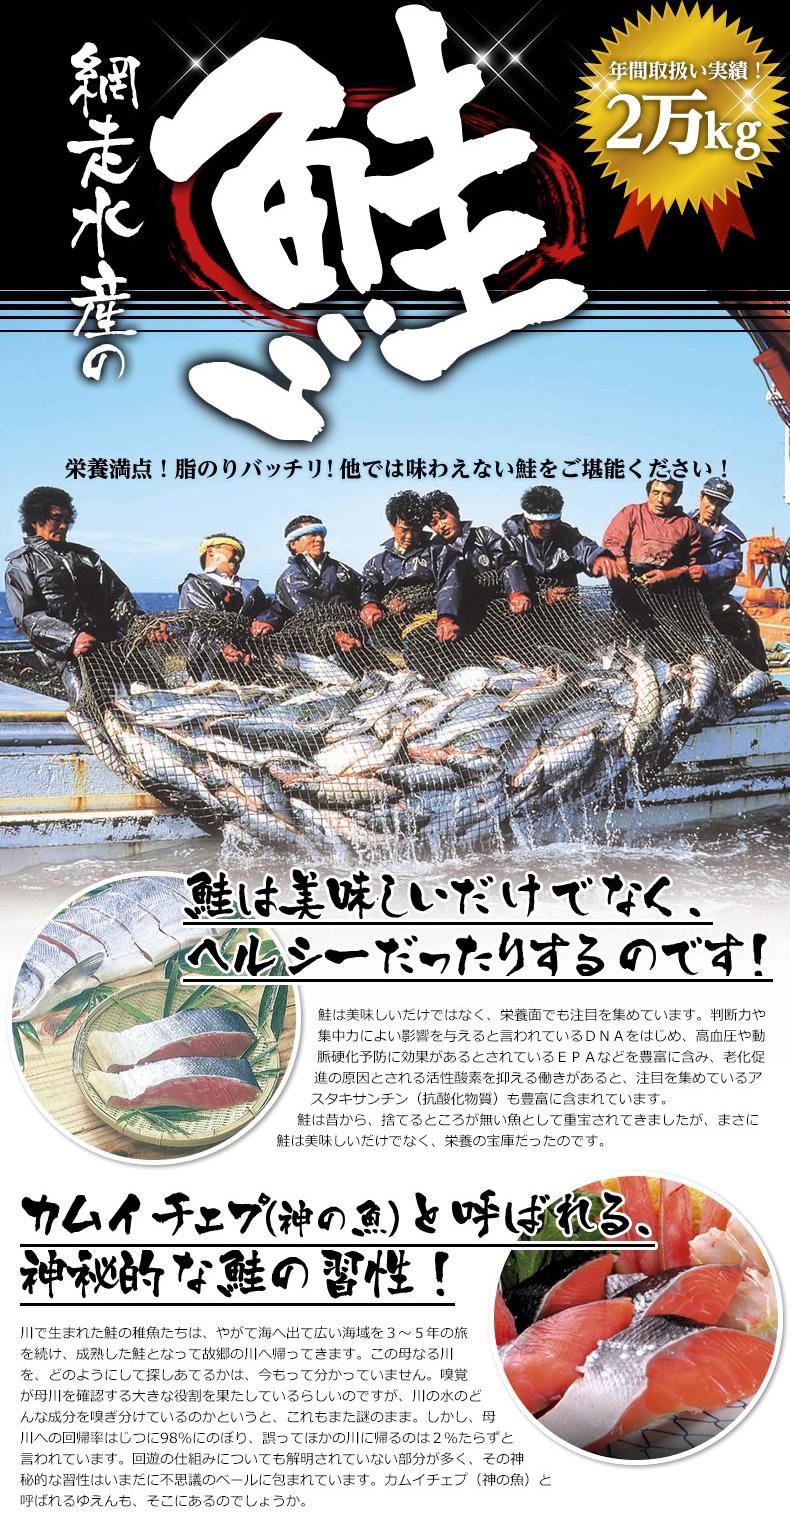 網走水産の鮭 栄養満点!脂のりバッチリ!他では味わえない鮭をご堪能ください!